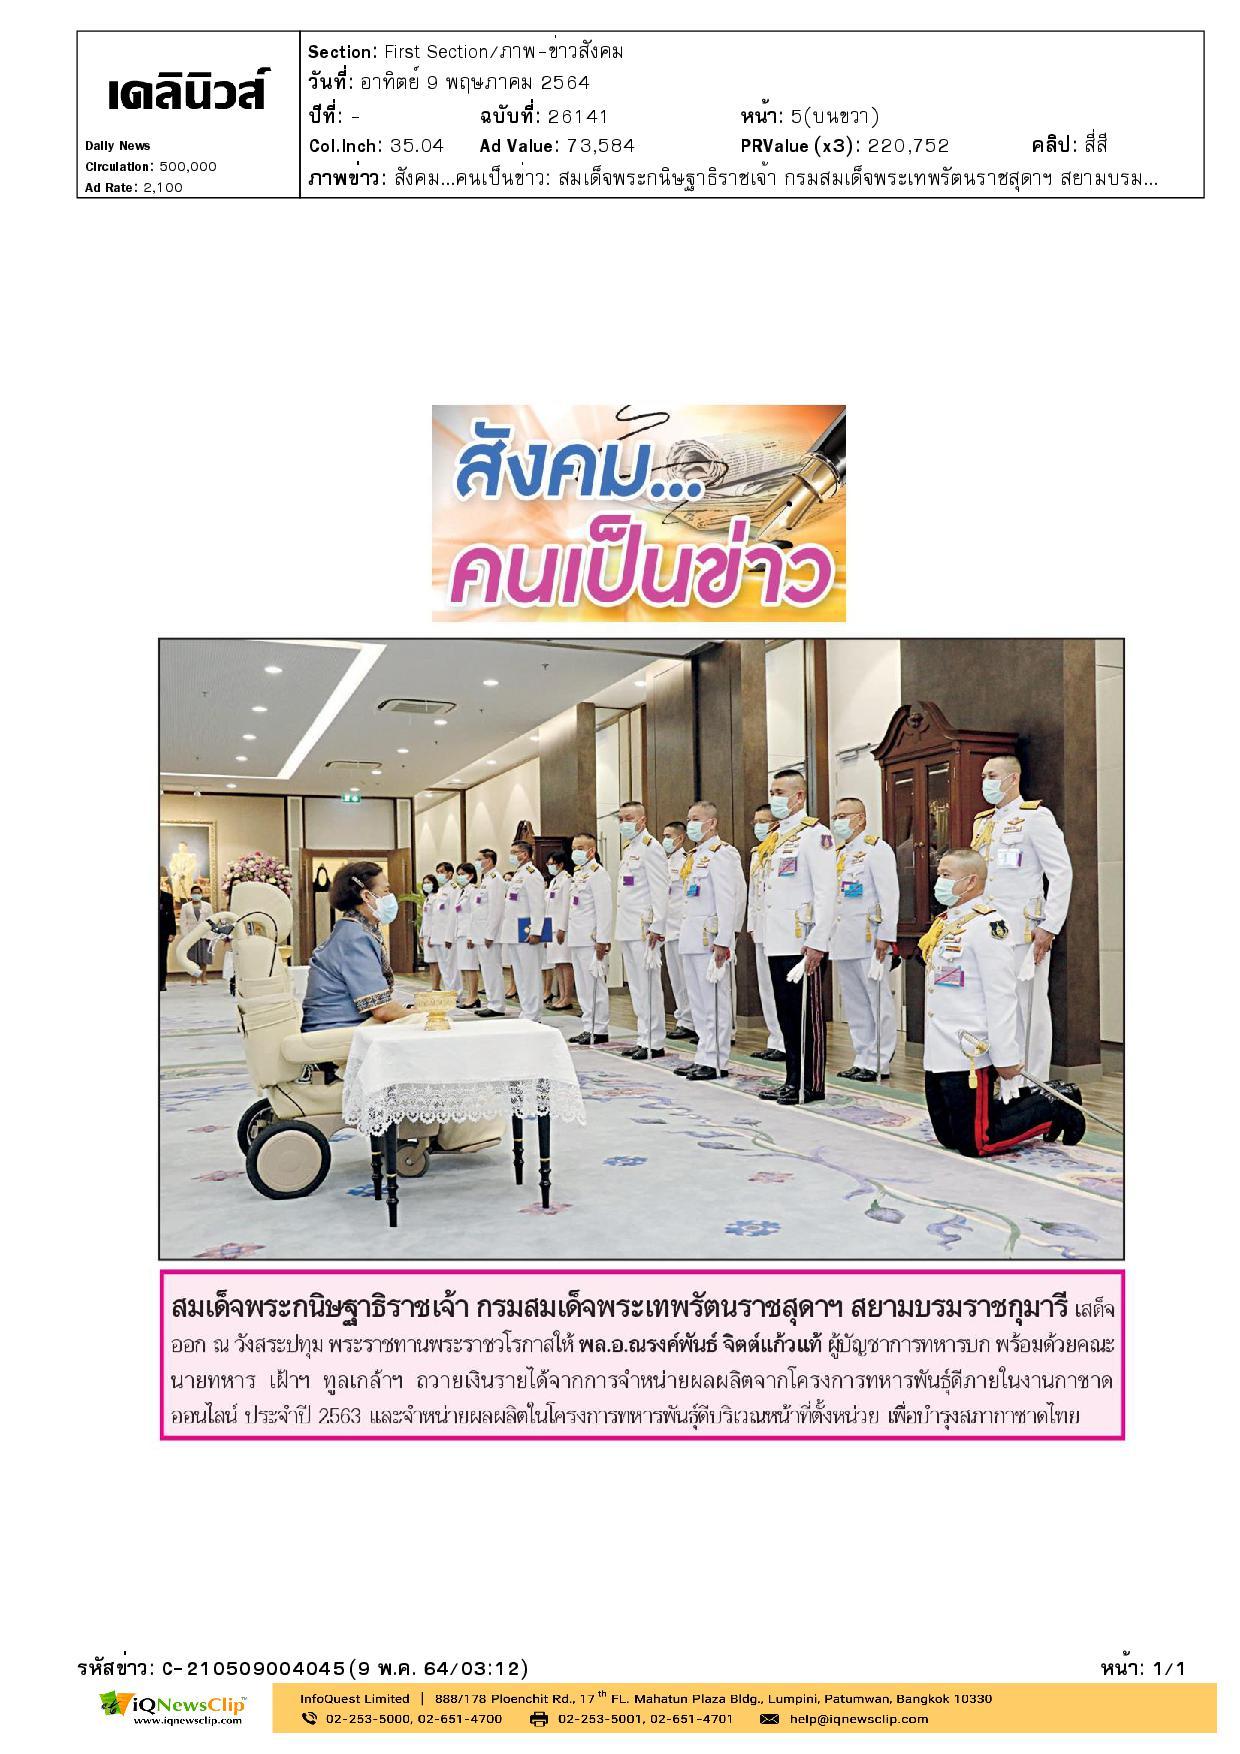 ถวายเงินรายได้จากการจำหน่ายผลผลิตในโครงการทหารพันธุ์ดี ภายในงานกาชาดออนไลน์ ปี 2563 เพื่อบำรุงสภากาชาดไทย